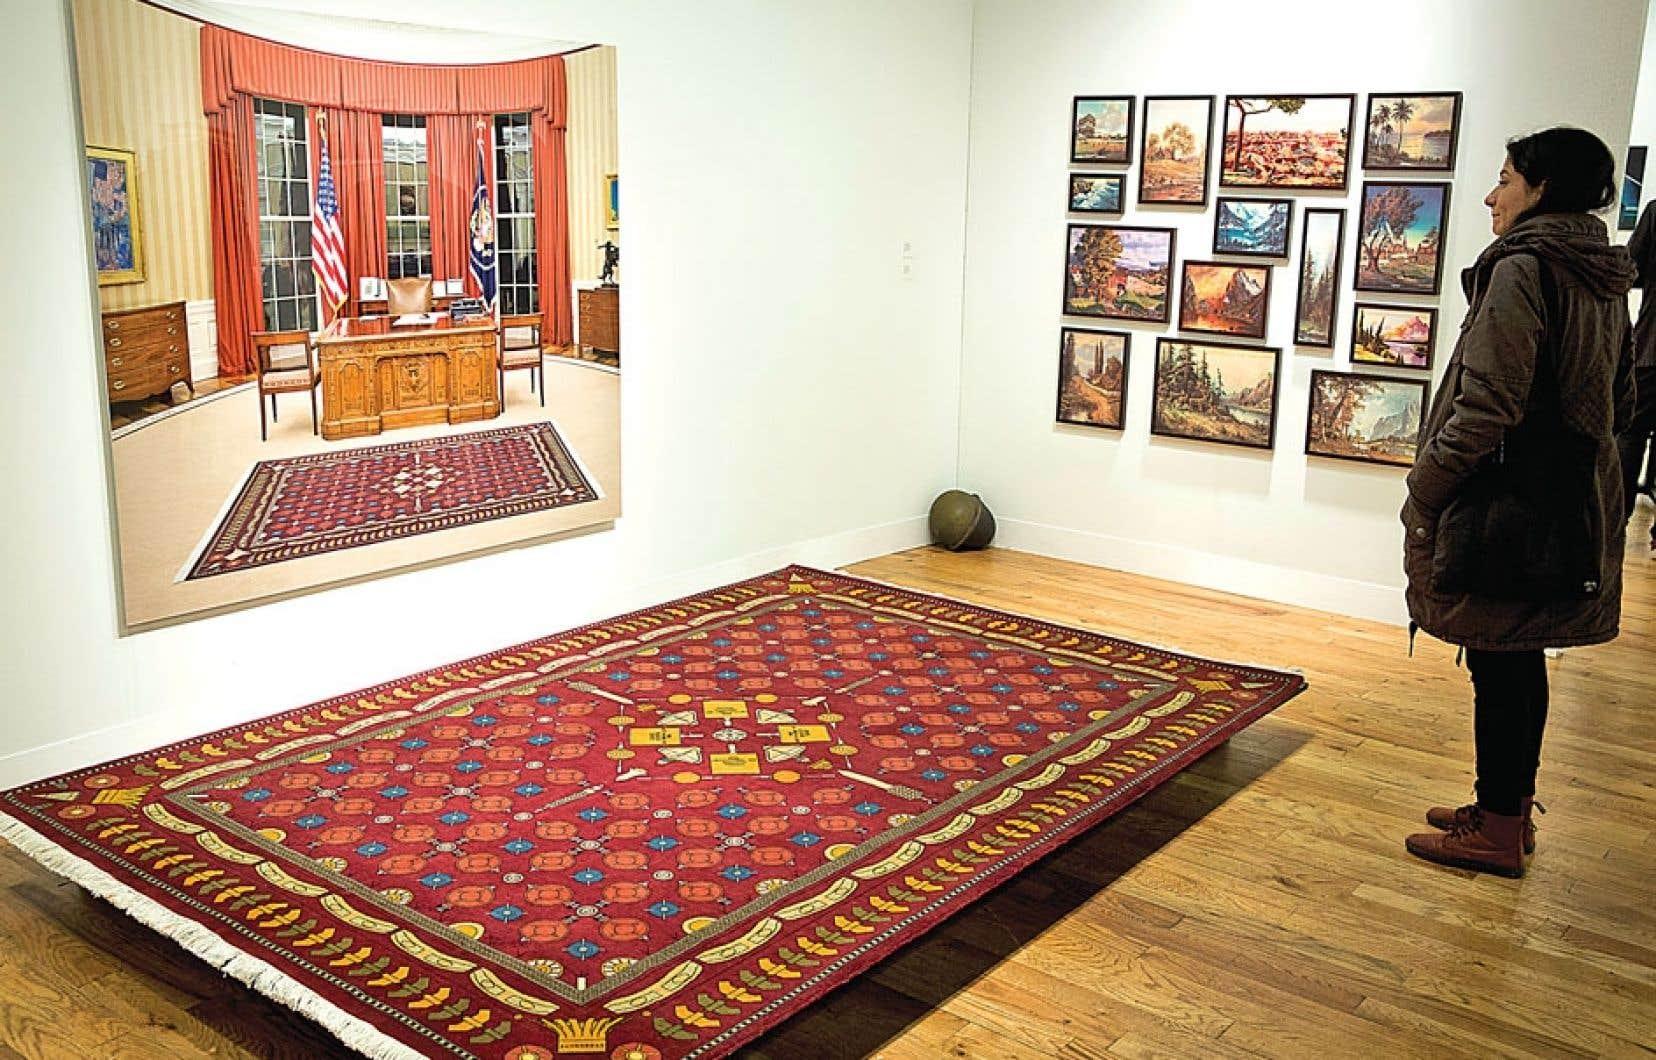 L'artiste Dominique Blain présente un tapis aux motifs de mines antipersonnel, réel et intégré par photomontage dans une image du bureau ovale à l'ère d'Obama.